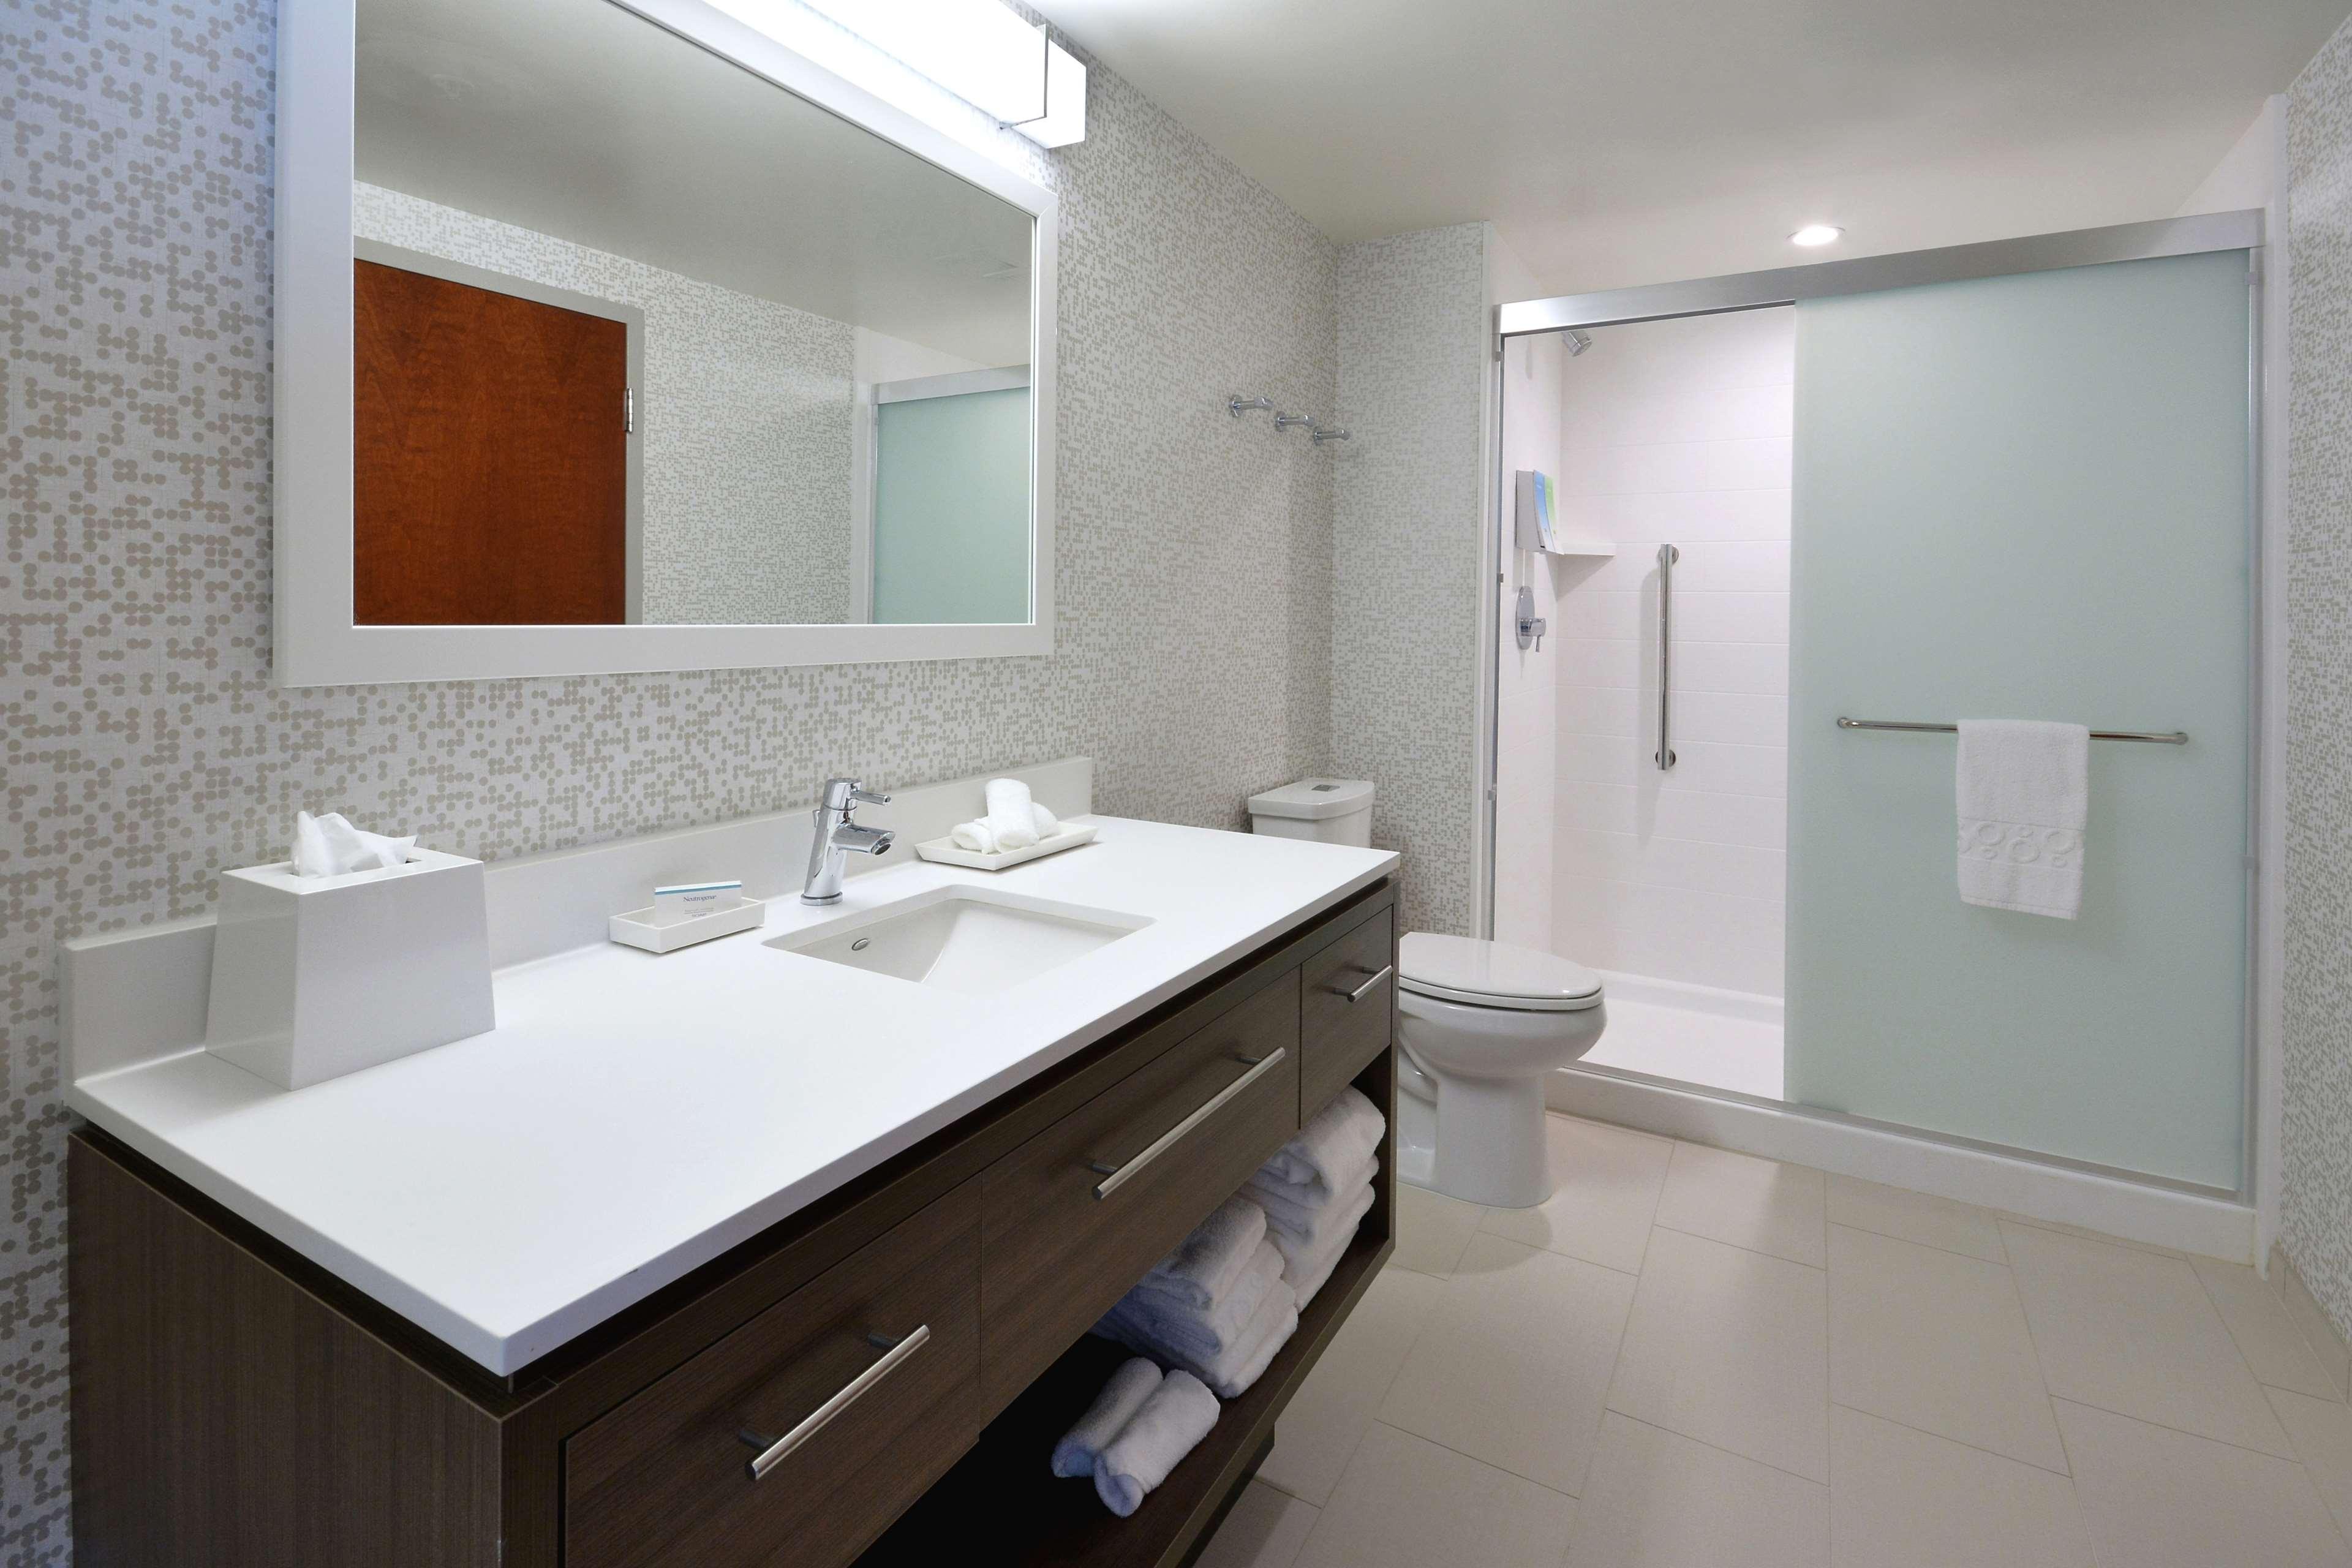 Home2 Suites by Hilton Duncan image 16